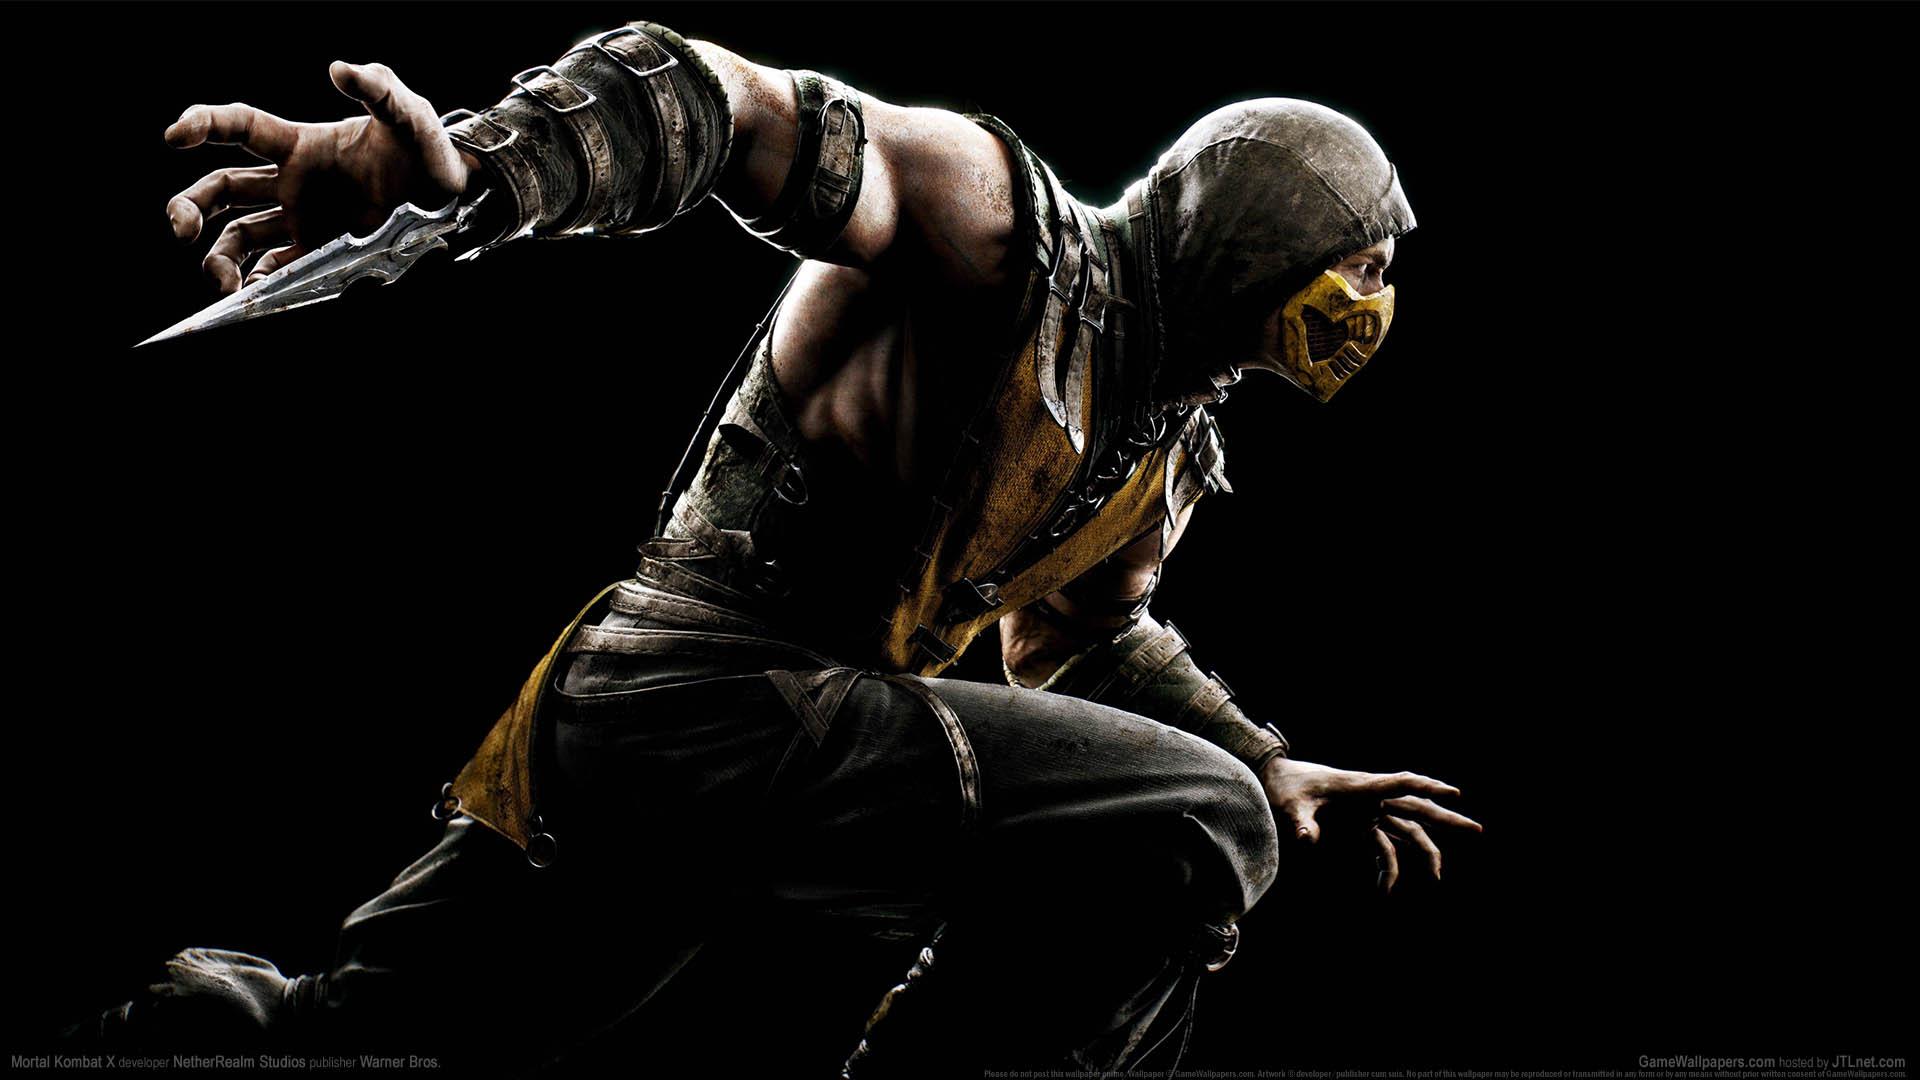 Mortal Kombat X Hintergrundbild 01 1920x1080